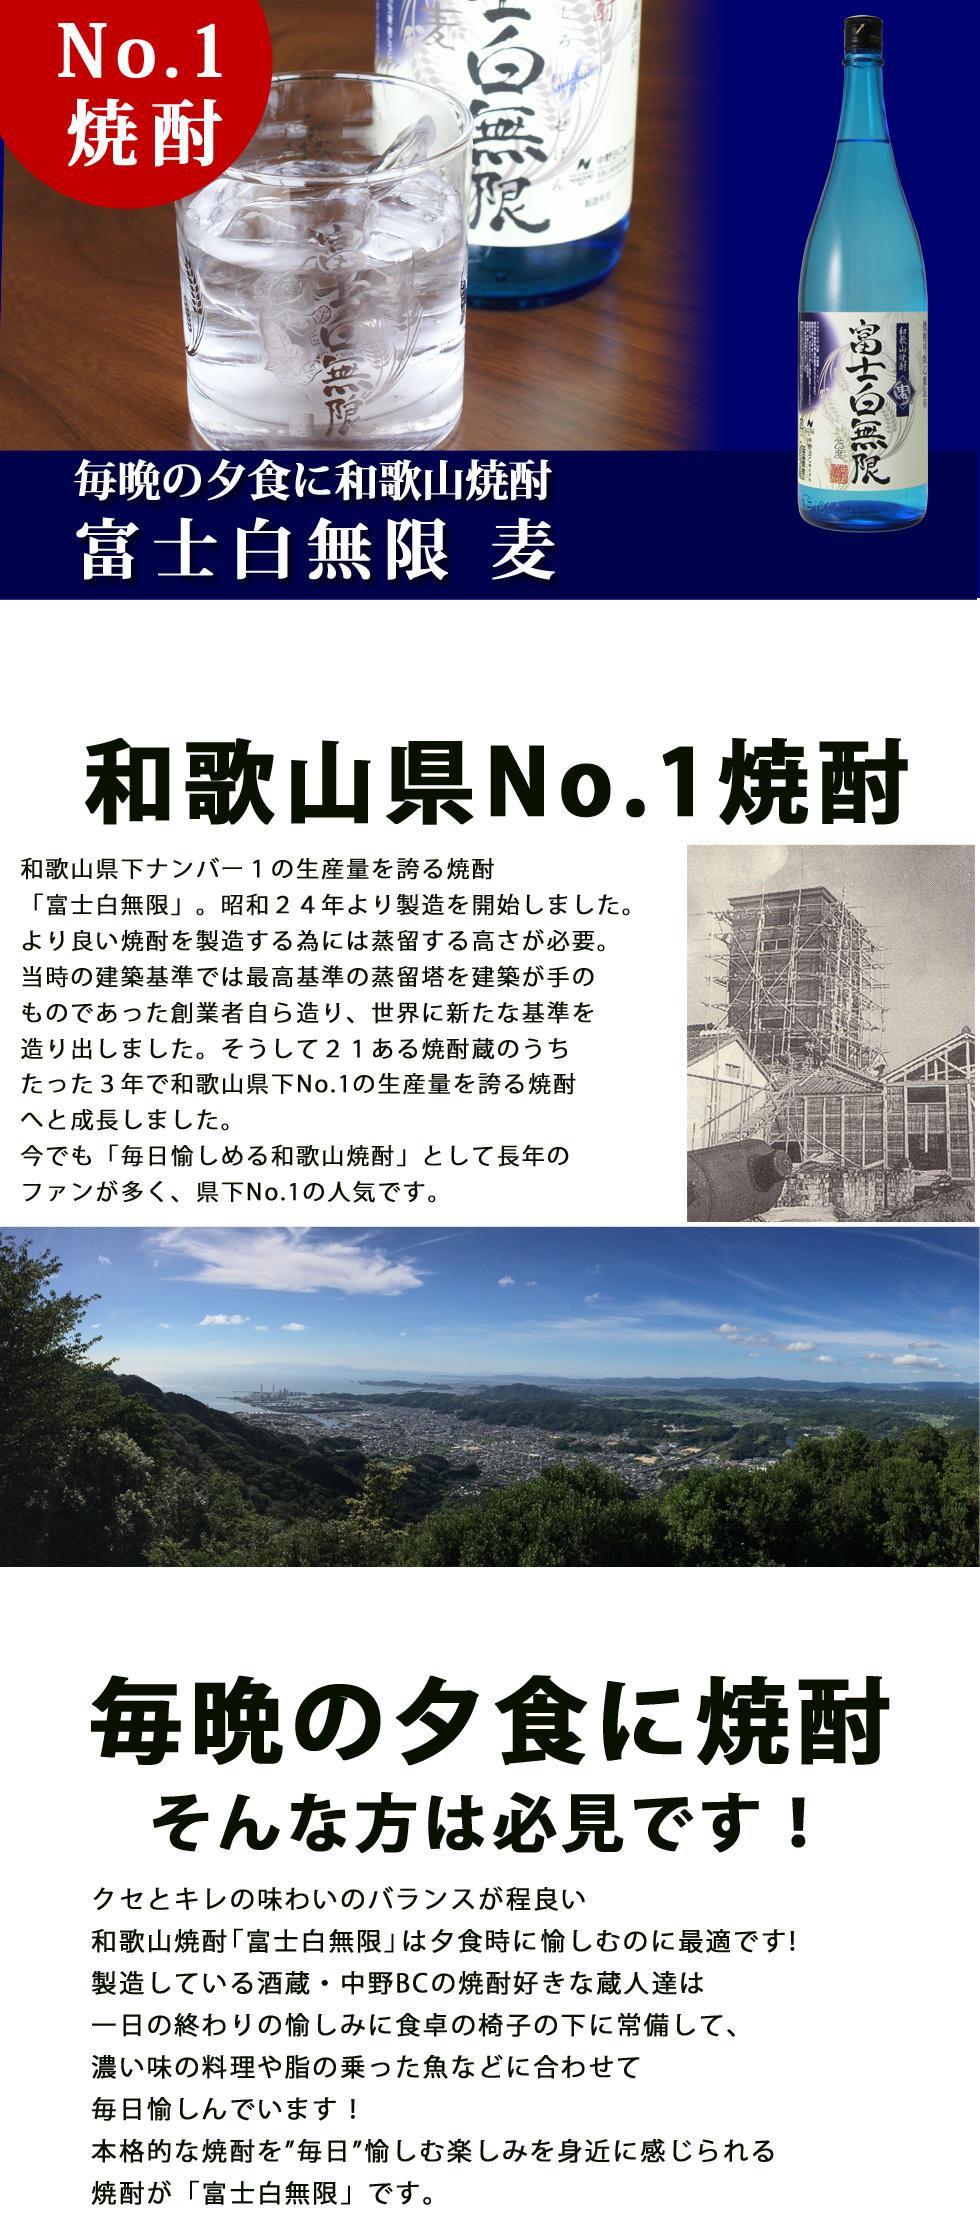 富士白無限《麦》 は和歌山県No1の焼酎です。